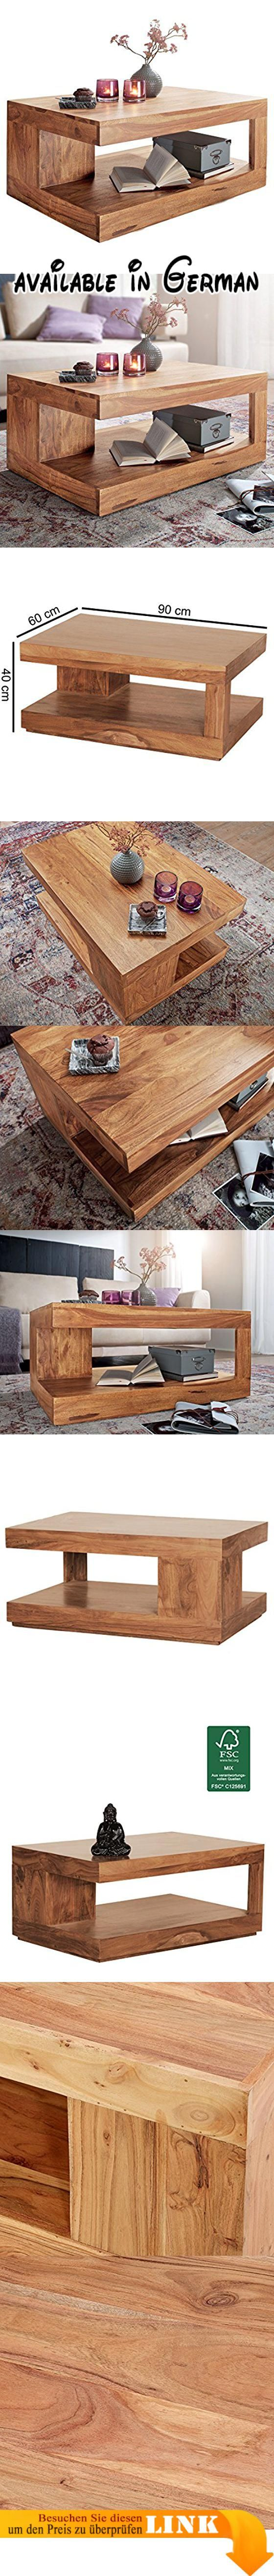 B013CEMNBO WOHNLING Couchtisch Massiv Holz Akazie 90 cm breit Wohnzimmer Tisch Design Natur